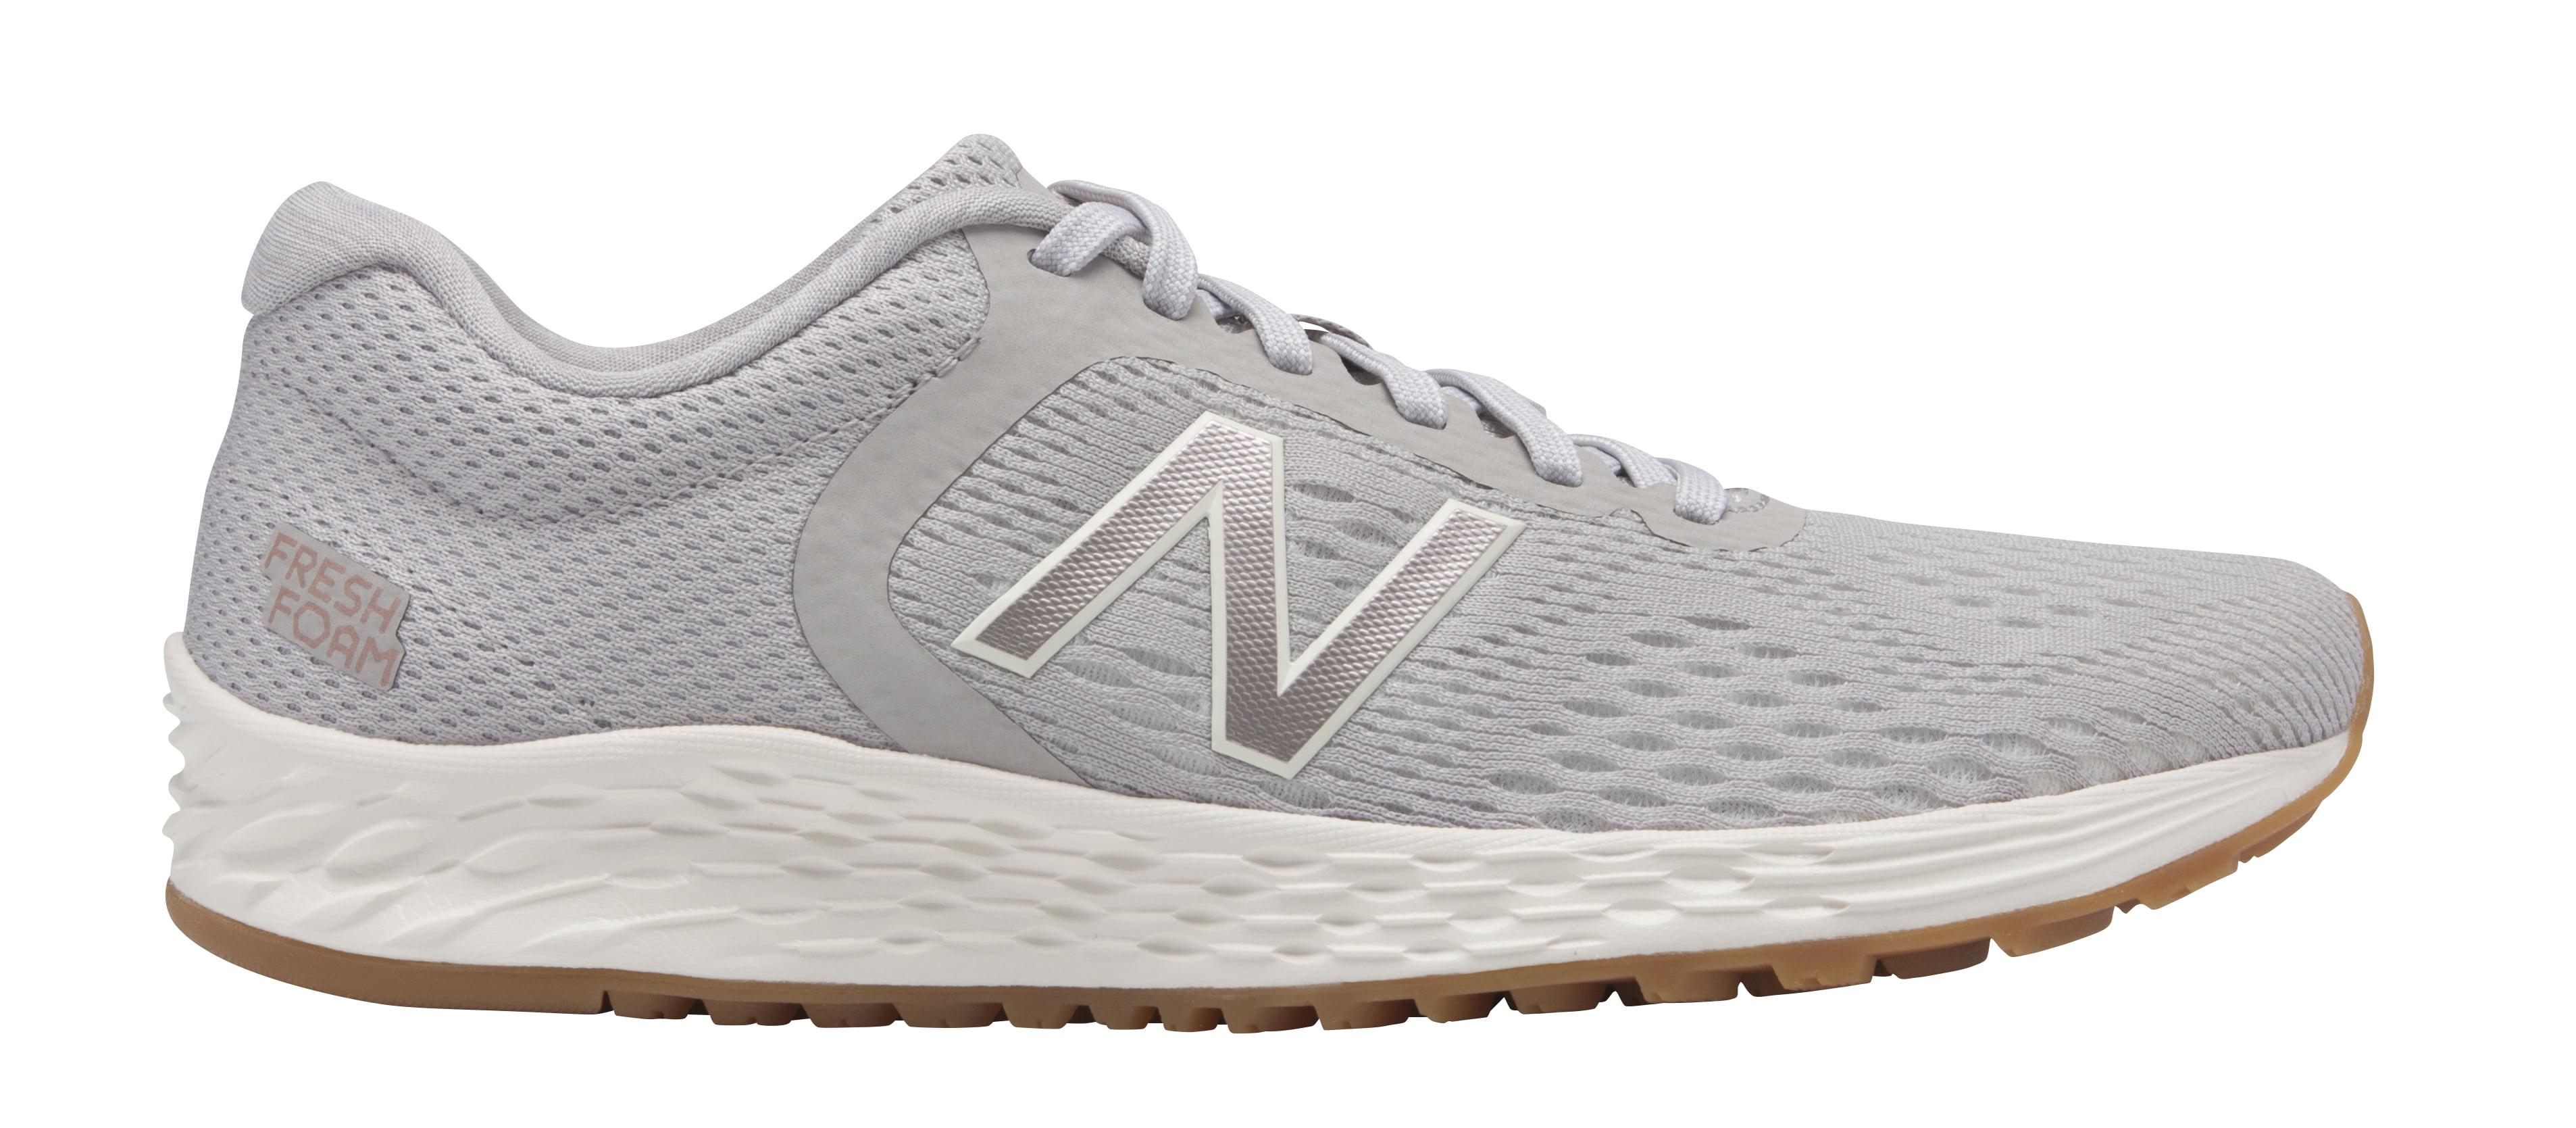 buy popular 822bc bab13 New Balance Women's ARISHIv2 Comfort Ride Fresh Foam Running Shoe